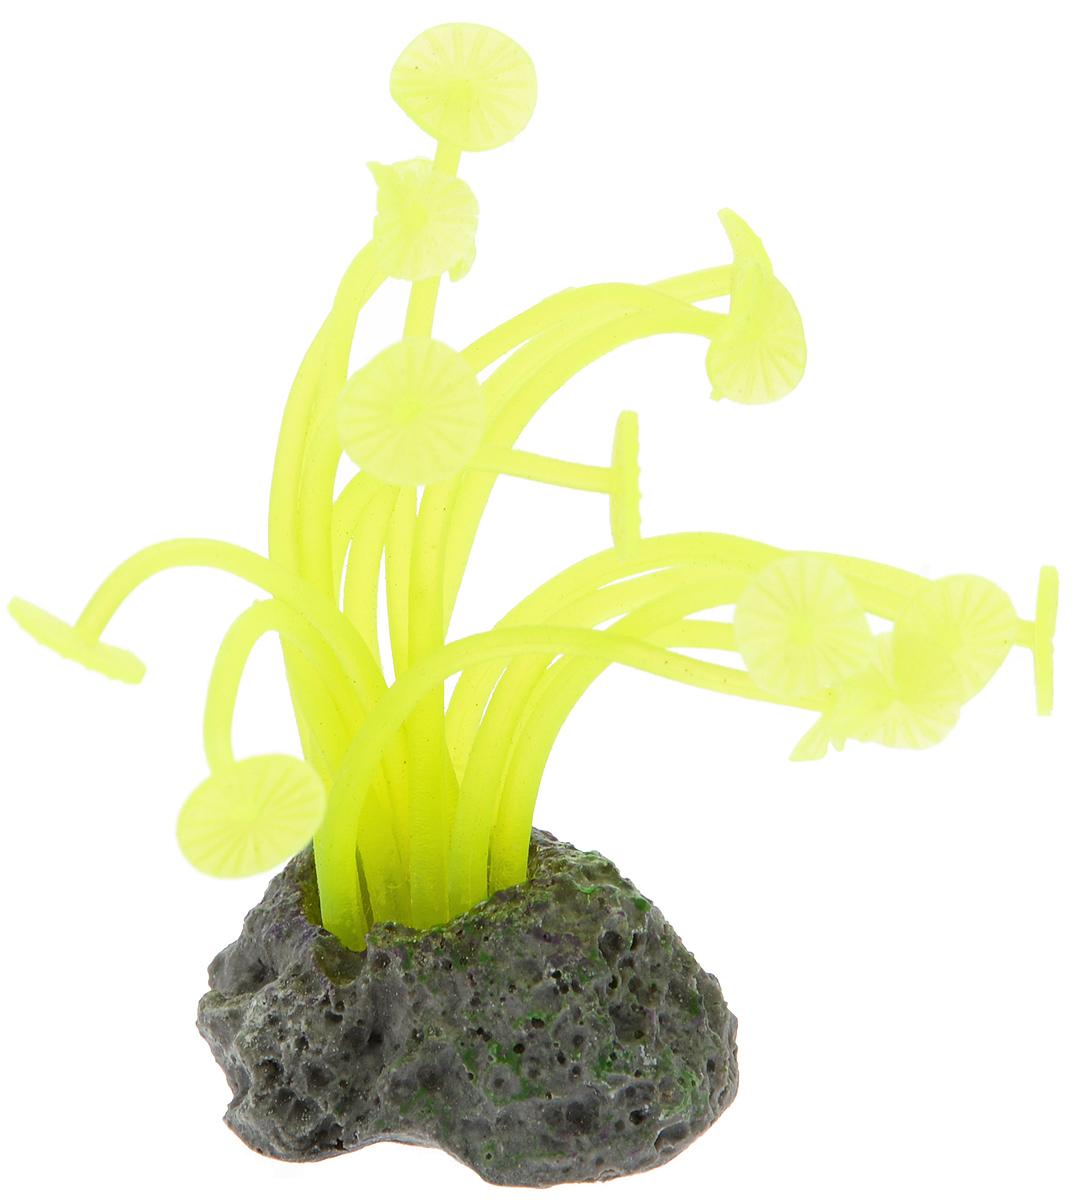 Декорация для аквариума Barbus Коралл, силиконовая, 3,5 х 3 х 8 смDecor 218Декорация для аквариума Barbus Коралл, выполненная из высококачественного силикона, станет оригинальным украшением вашего аквариума. Изделие отличается реалистичным исполнением, в воде создается полная имитация настоящего коралла. Декорация абсолютно безопасна, нейтральна к водному балансу, устойчива к истиранию краски, не токсична, подходит как для пресноводного, так и для морского аквариума. Благодаря декорациям Barbus вы сможете смоделировать потрясающий пейзаж на дне вашего аквариума.